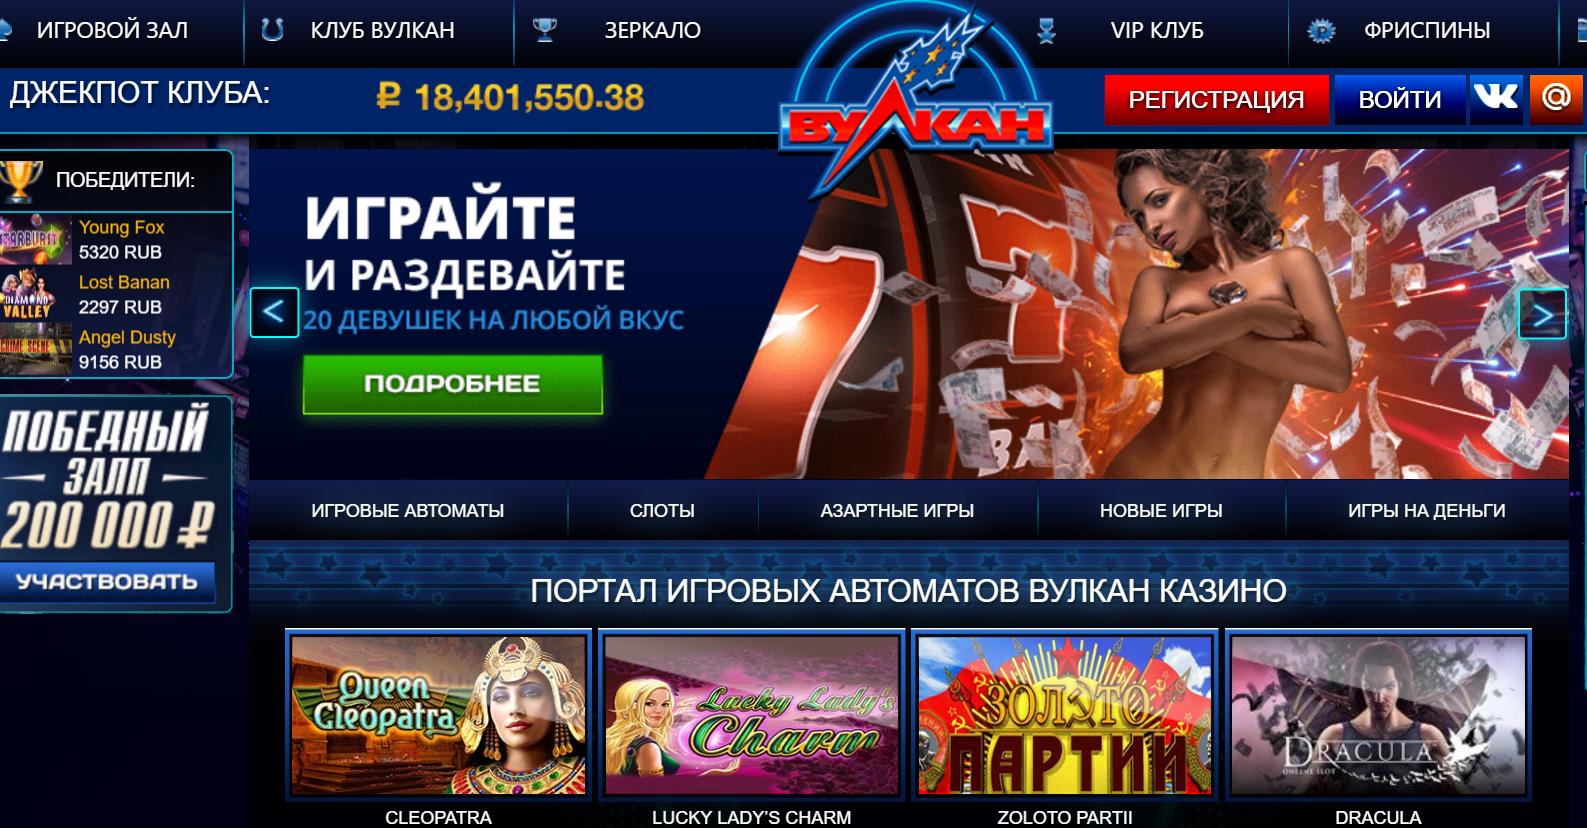 Популярный сайт Вулкан клуба для азартных игр